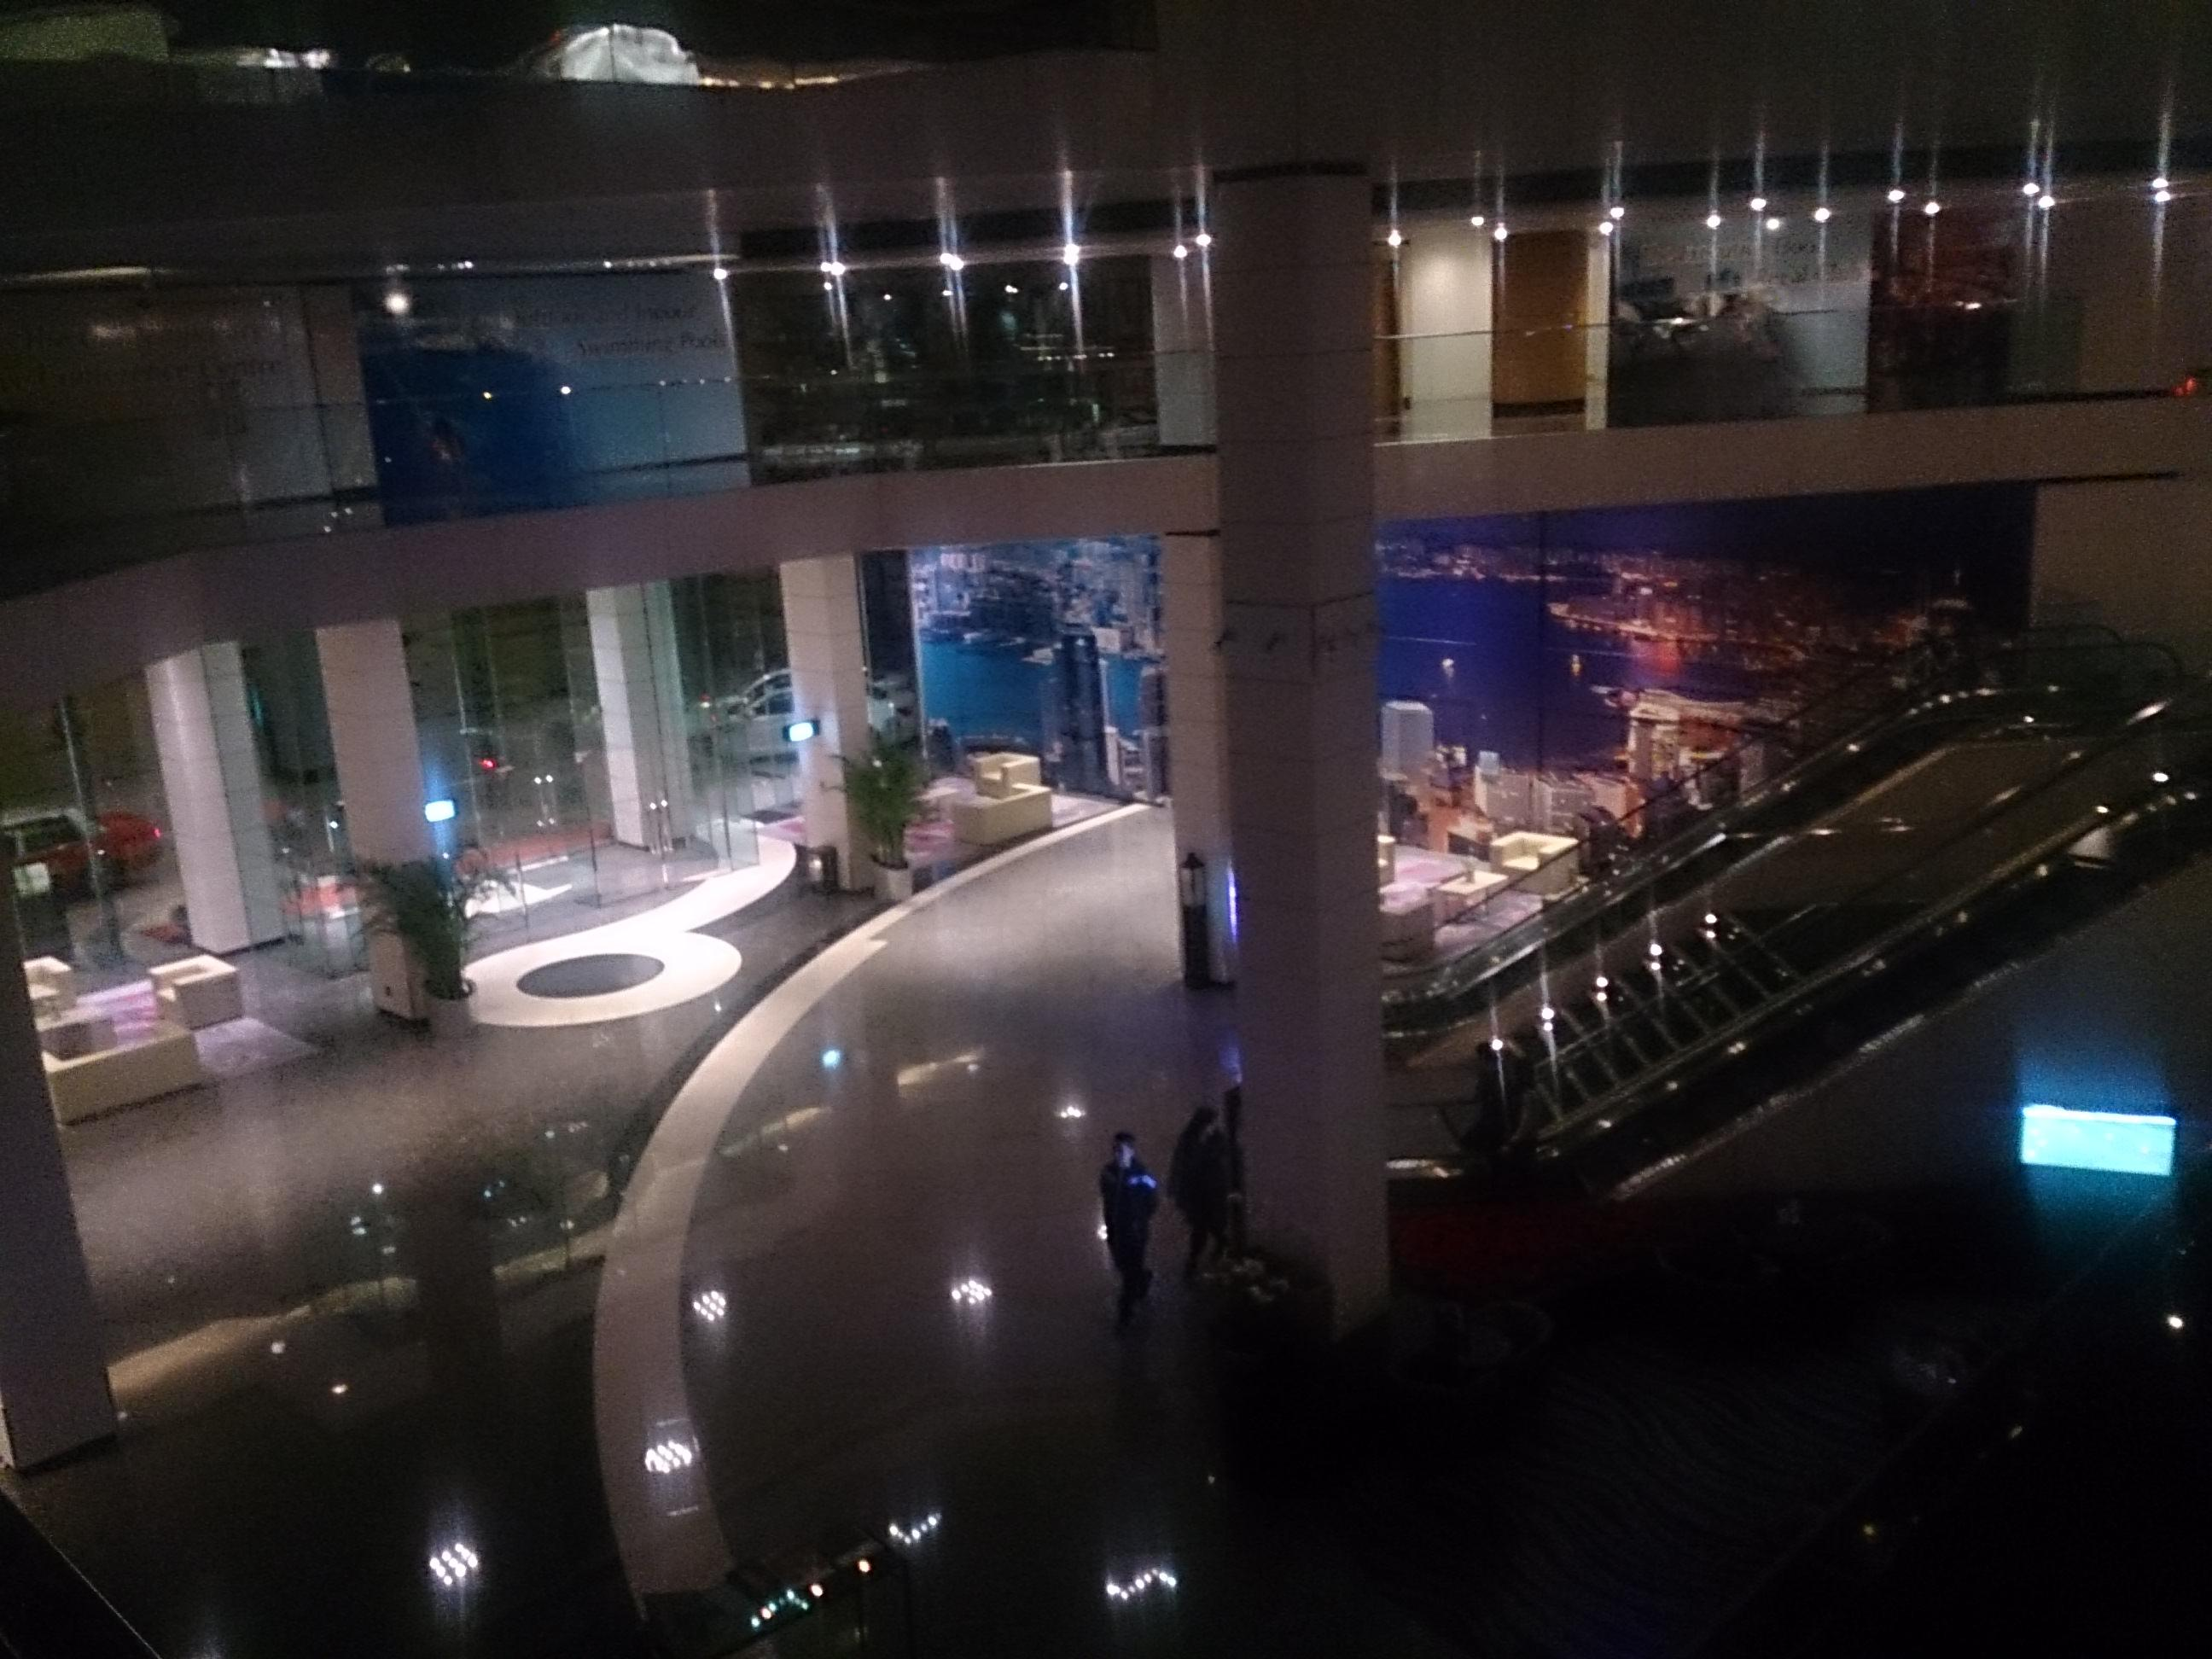 レイオーバーでリーガルエアポートホテルに収監された Regal Airport Hotel Hongkong